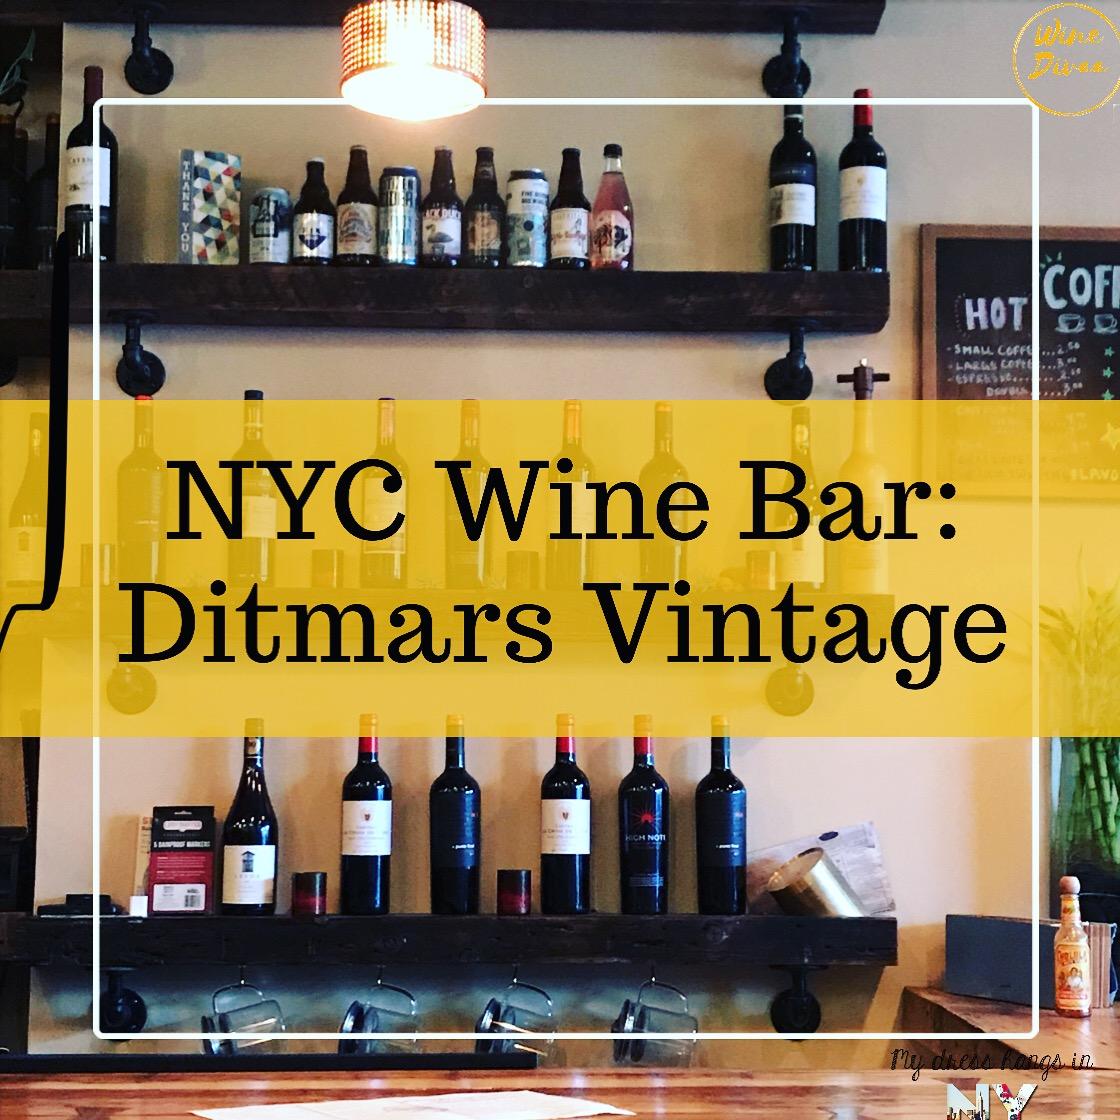 NYC Wine Bar: Ditmars Vintage